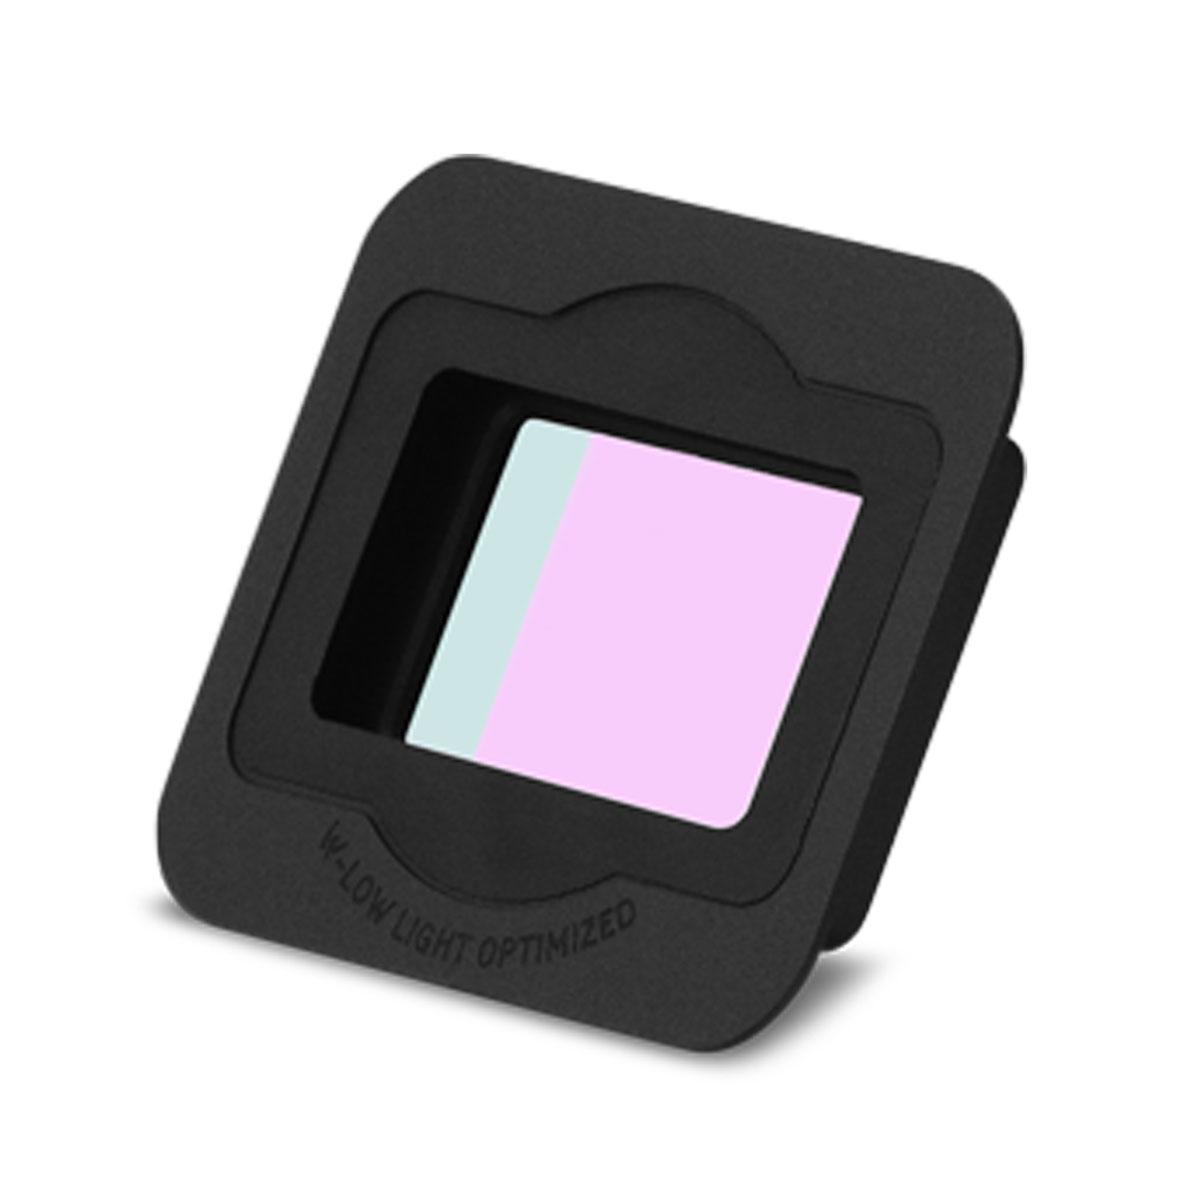 DSMC2 S35 SKIN TONE-HIGHLIGHT/LOW LIGHT OPTIMIZED OLPF PACK